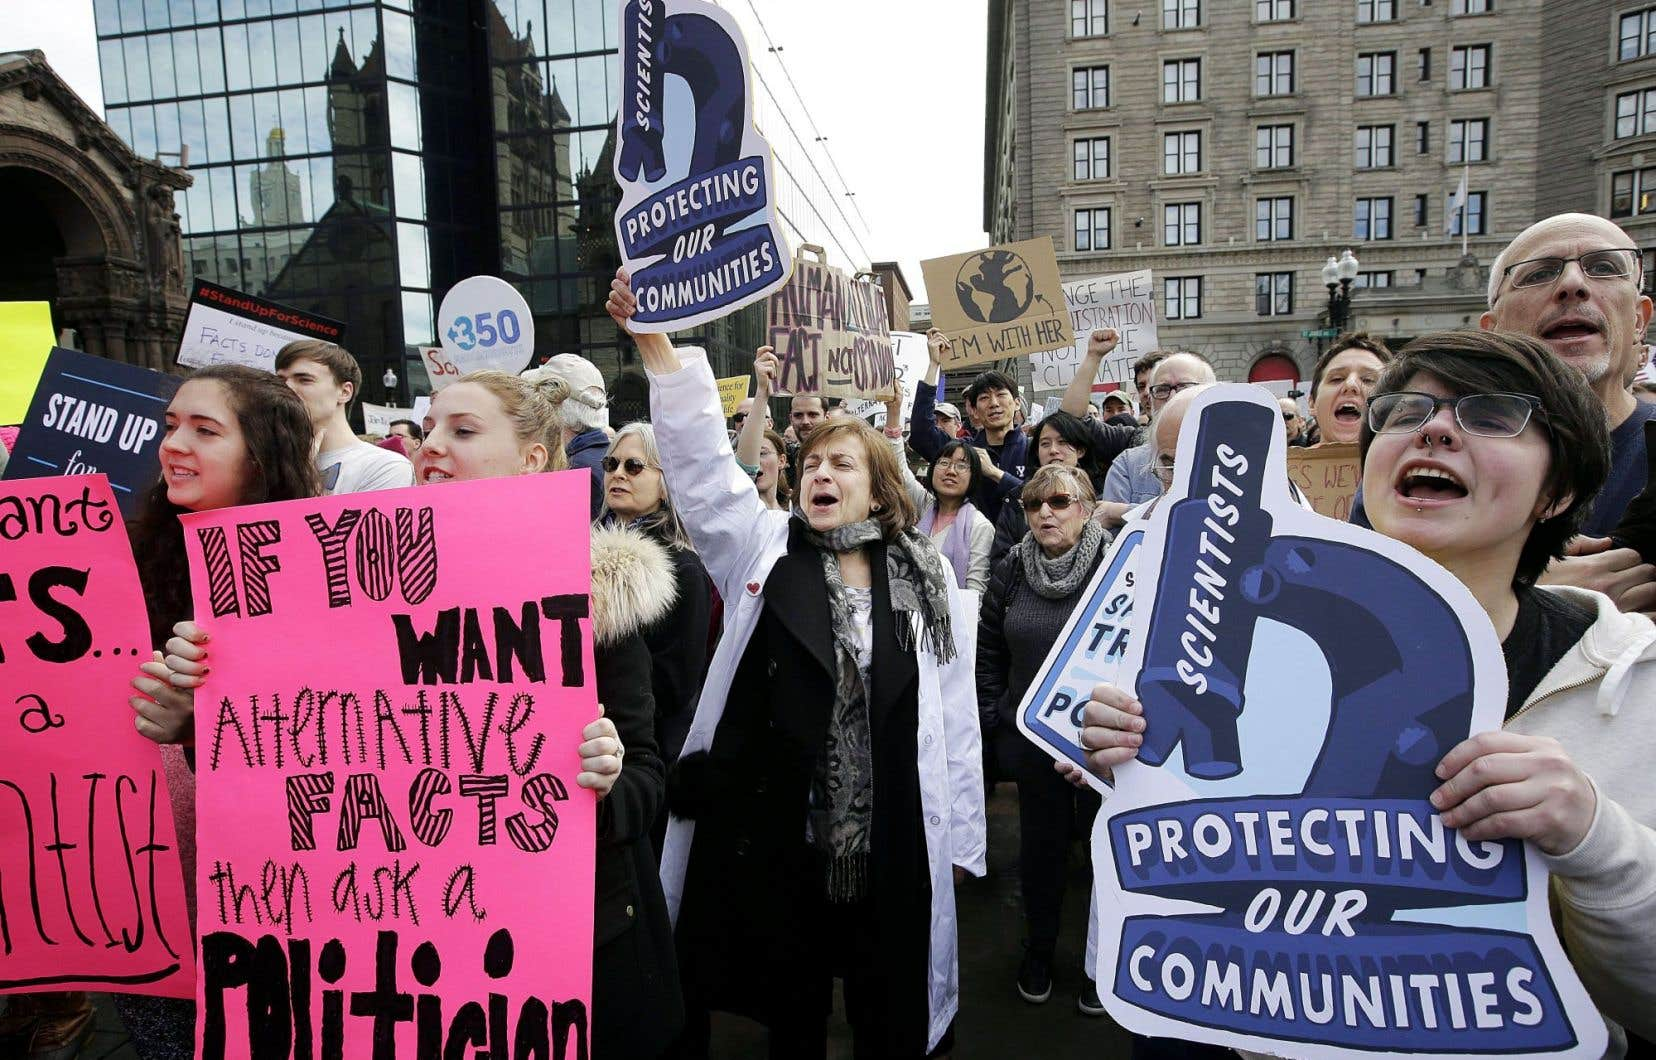 Des marches s'organisent à travers les États-Unis, dont celle-ci, à Boston, le 17 février dernier. Les scientifiques présents réclamaient du gouvernement Trump qu'il reconnaisse les changements climatiques.